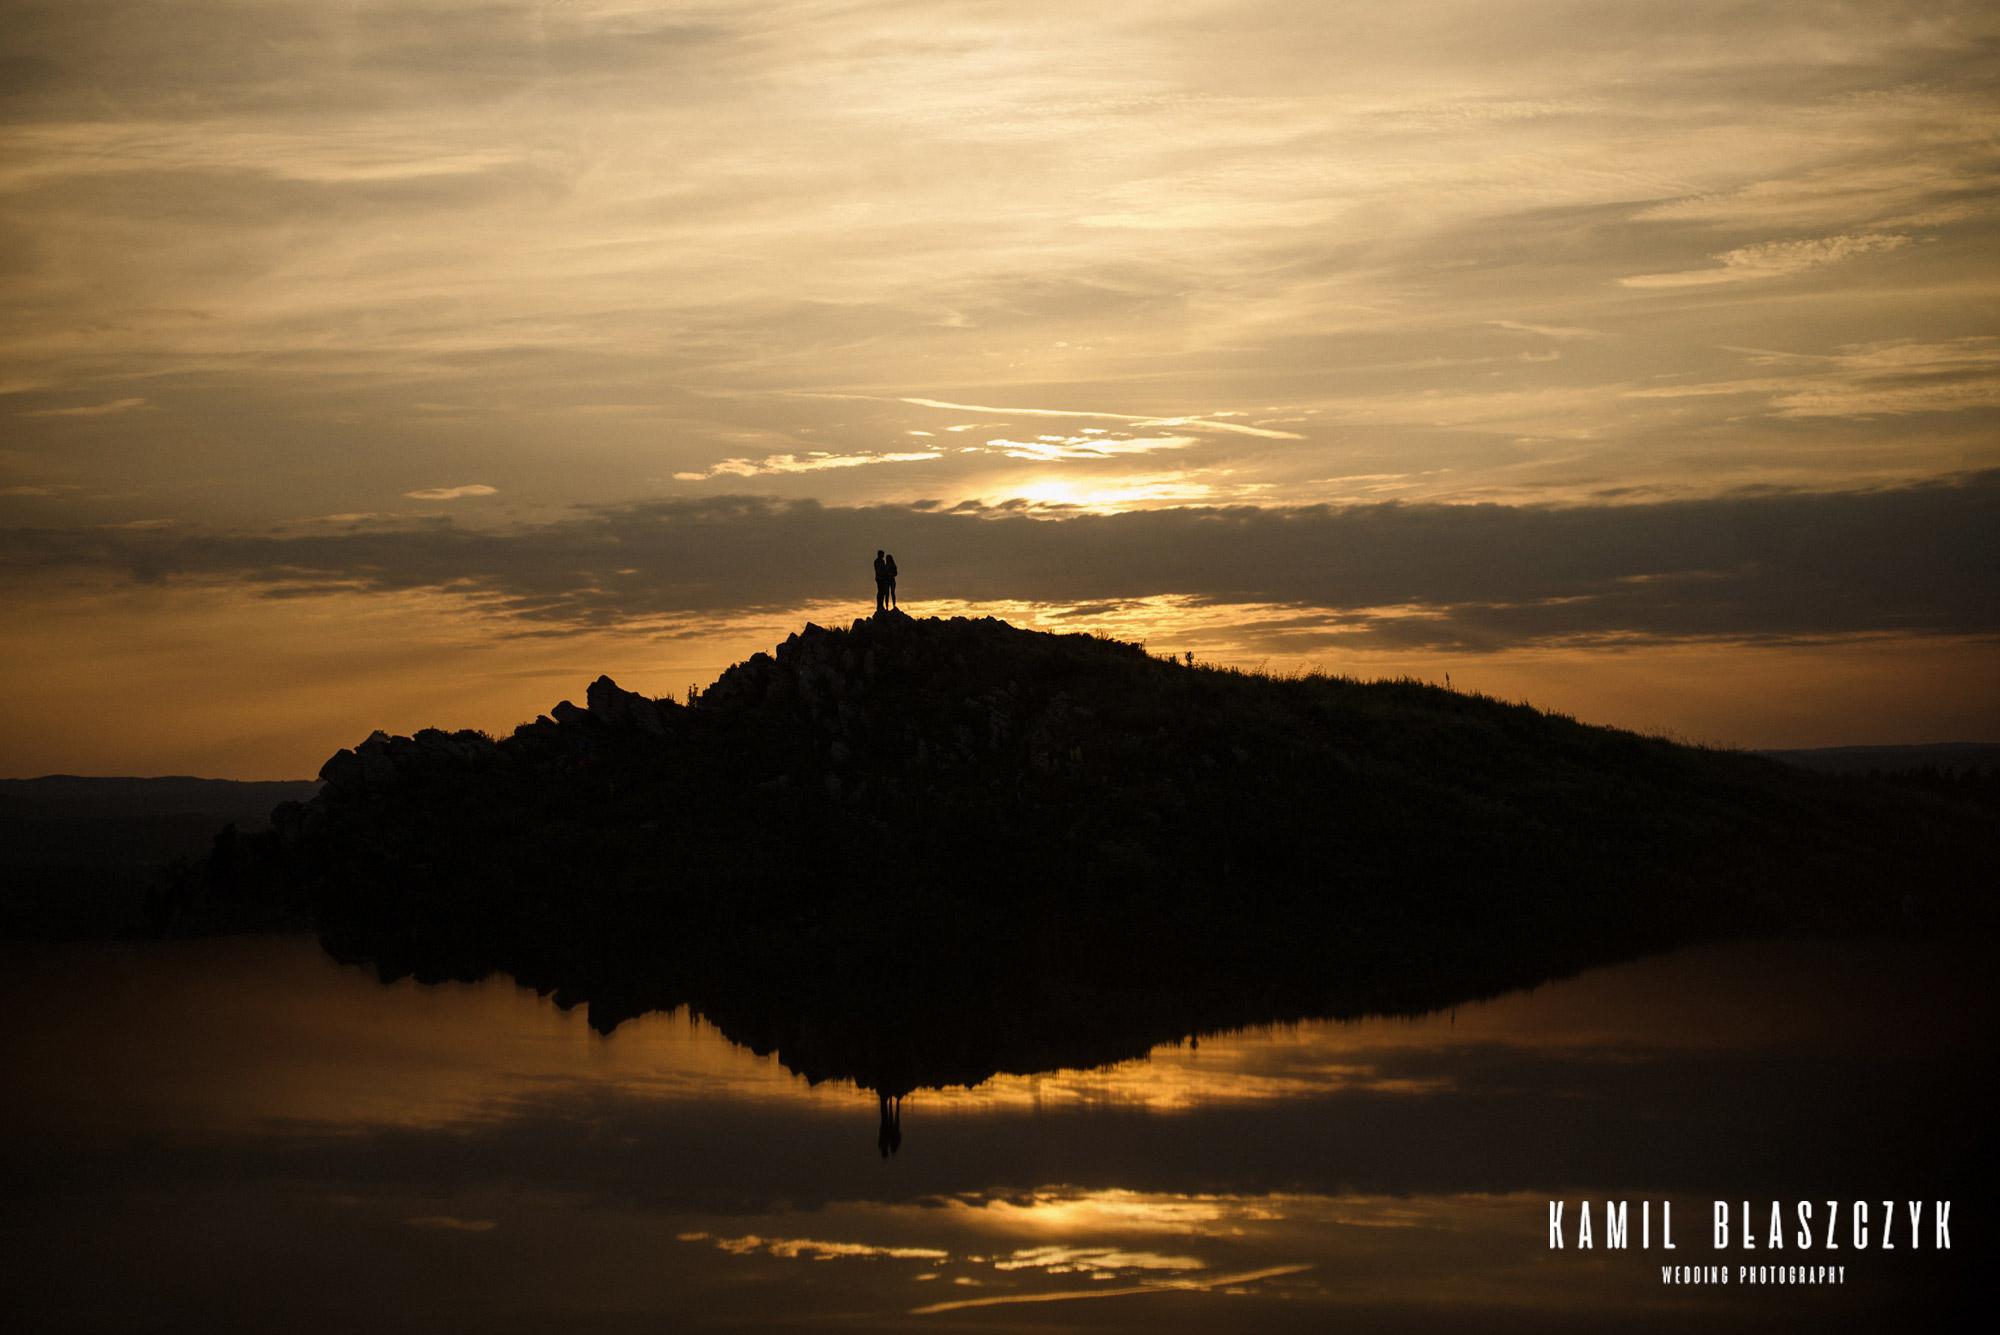 Para zakochanych stojących na górze w miejscowości Miedzianka podczas zachodu słońca, sfotografowani przez fotografa ślubnego Kamila Błaszczyka